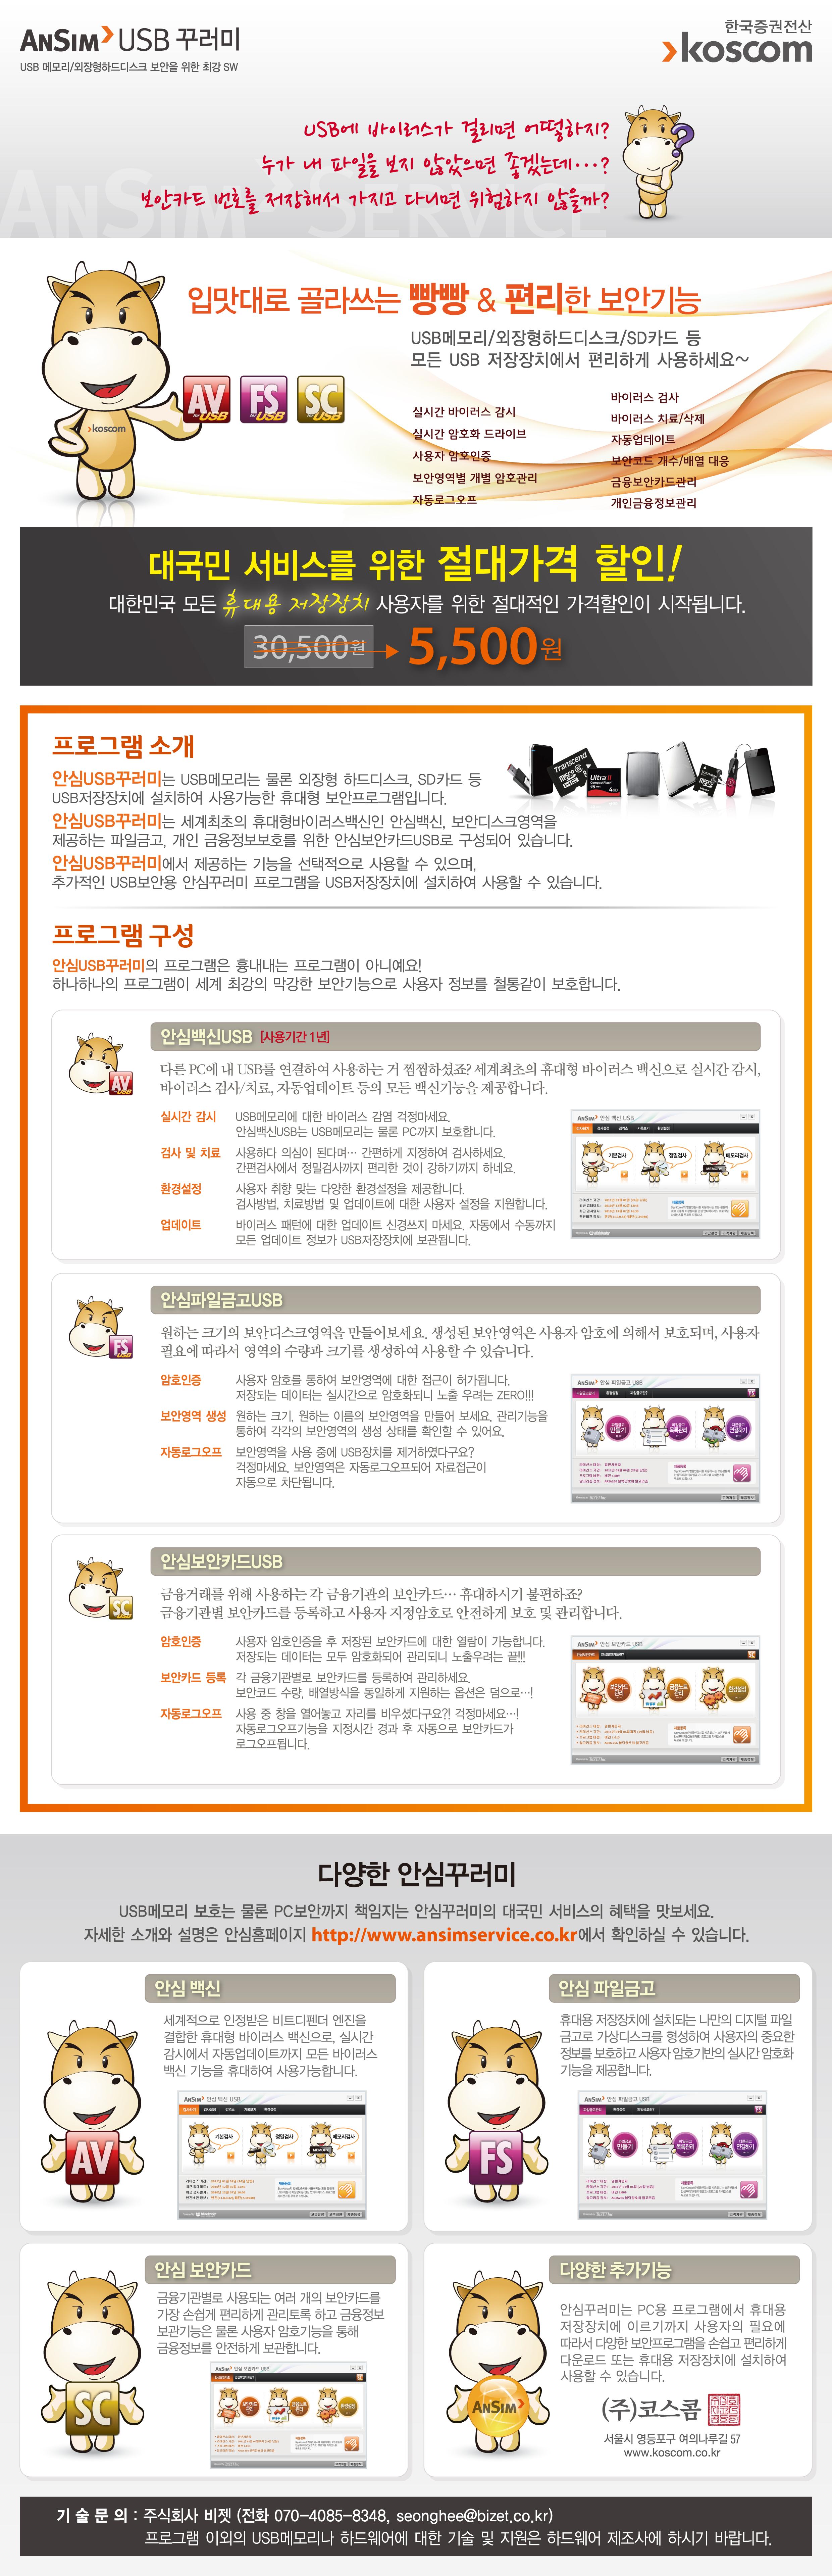 안심꾸러미_온라인최종1221_Outline.jpg